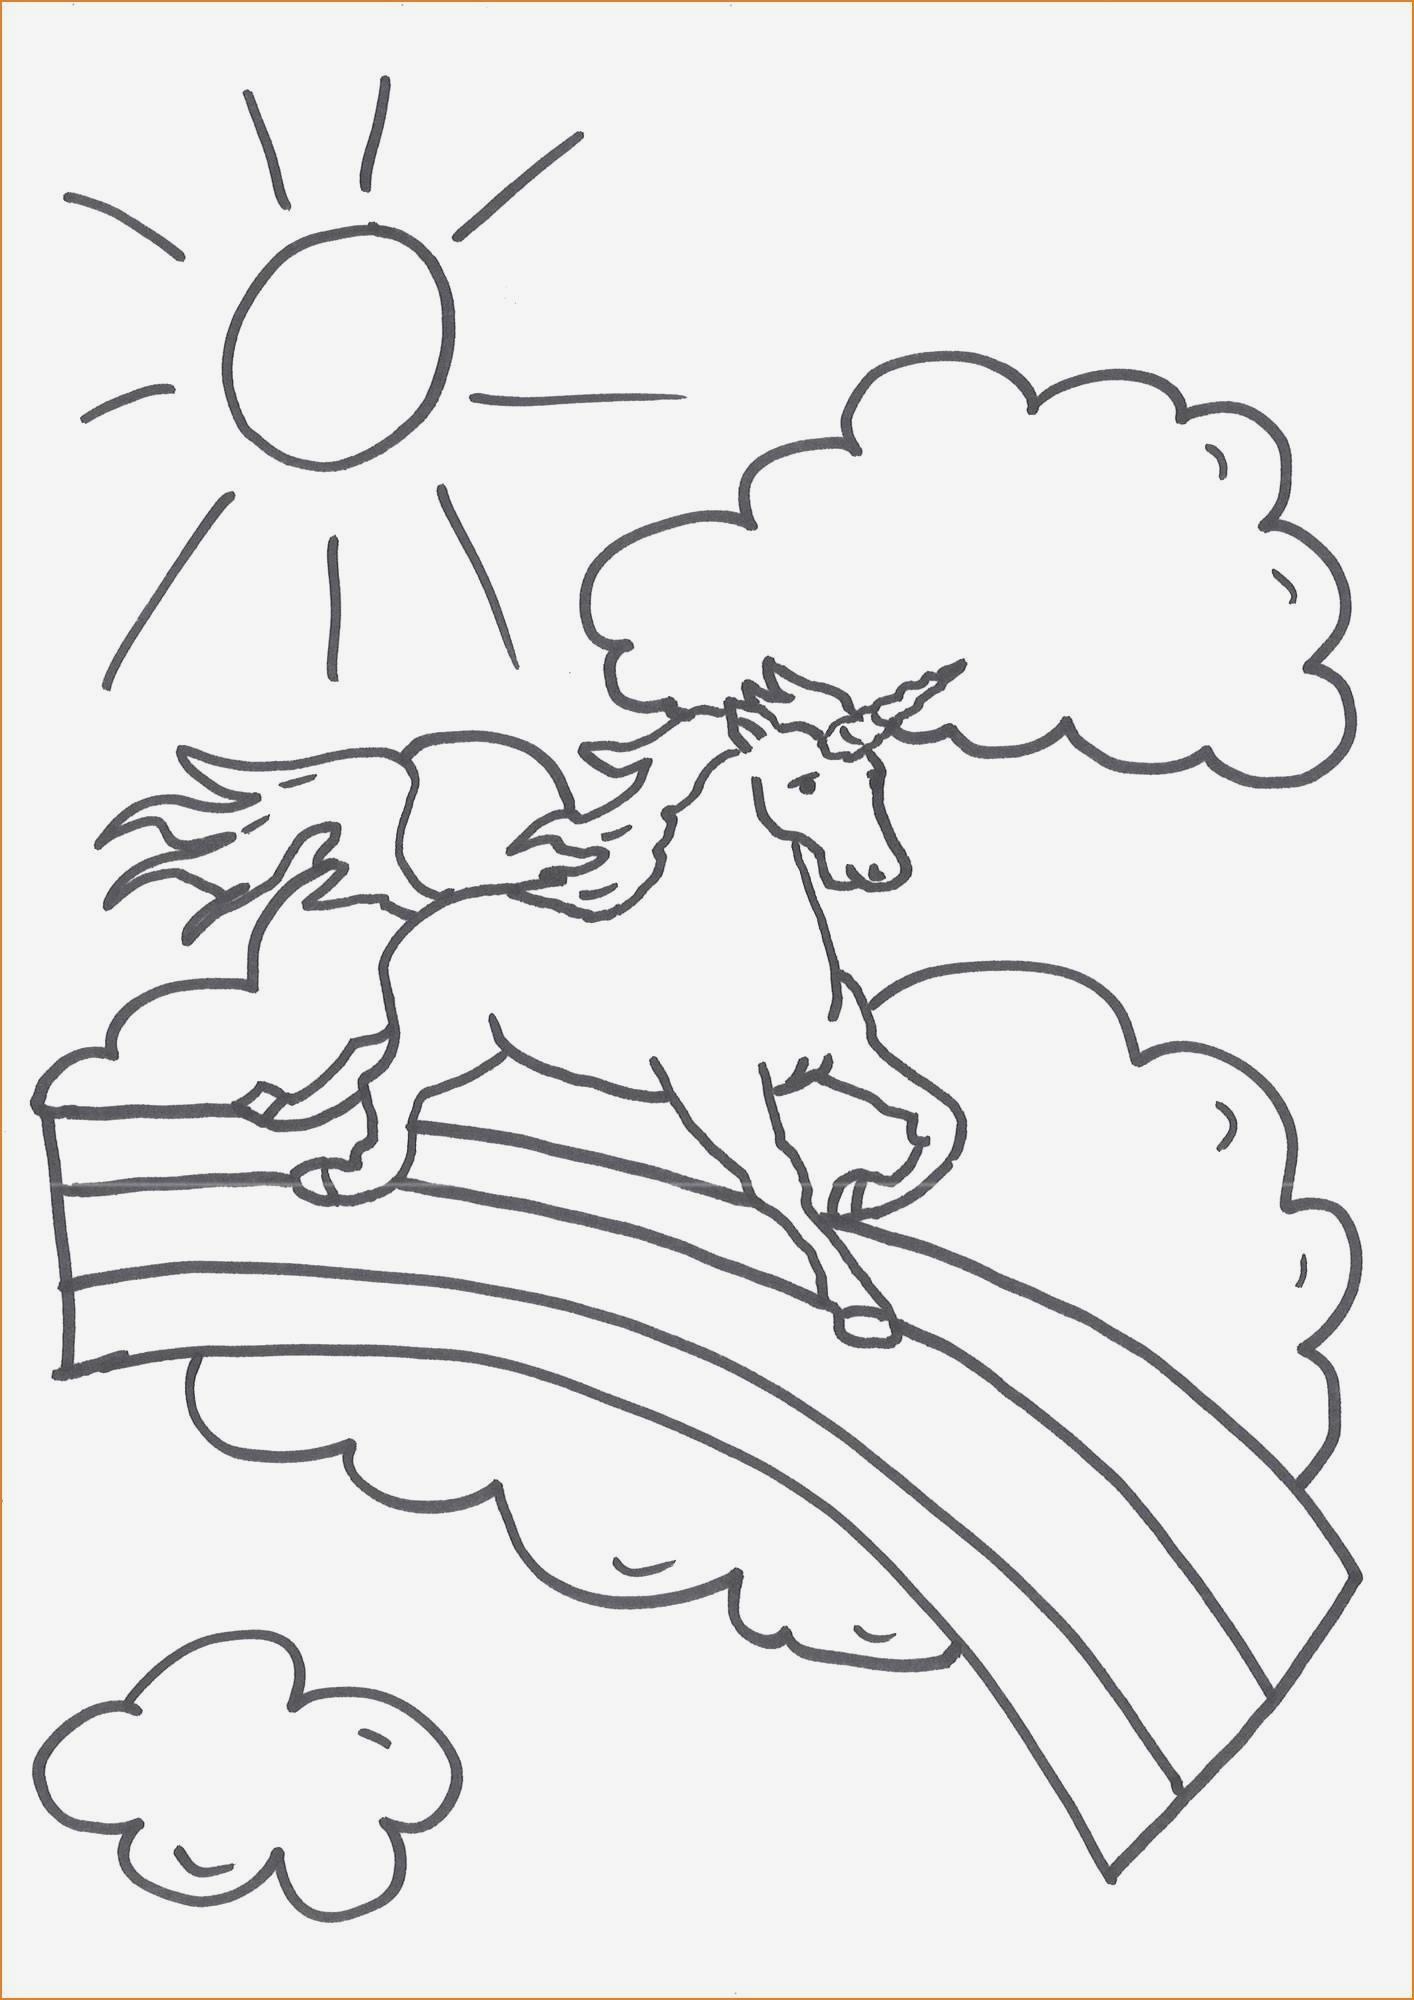 Ausmalbild Prinzessin Einhorn Das Beste Von Einhorn Bilder Cartoon Außergewöhnliche Bildergalerie Bilder Zum Das Bild